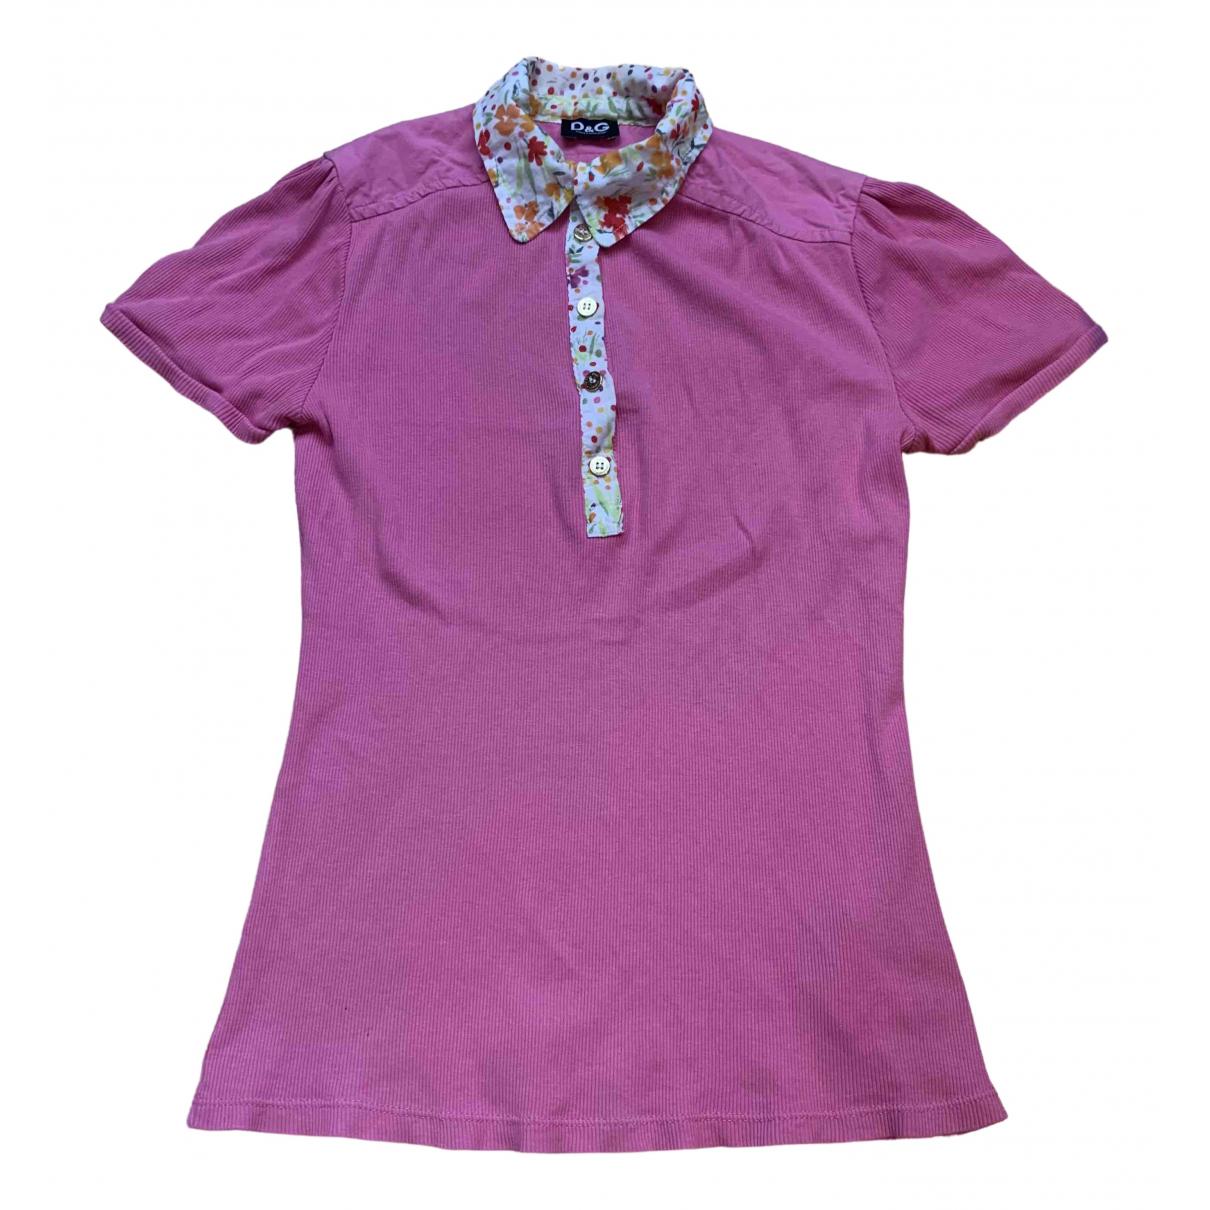 D&g - Top   pour femme en coton - rose